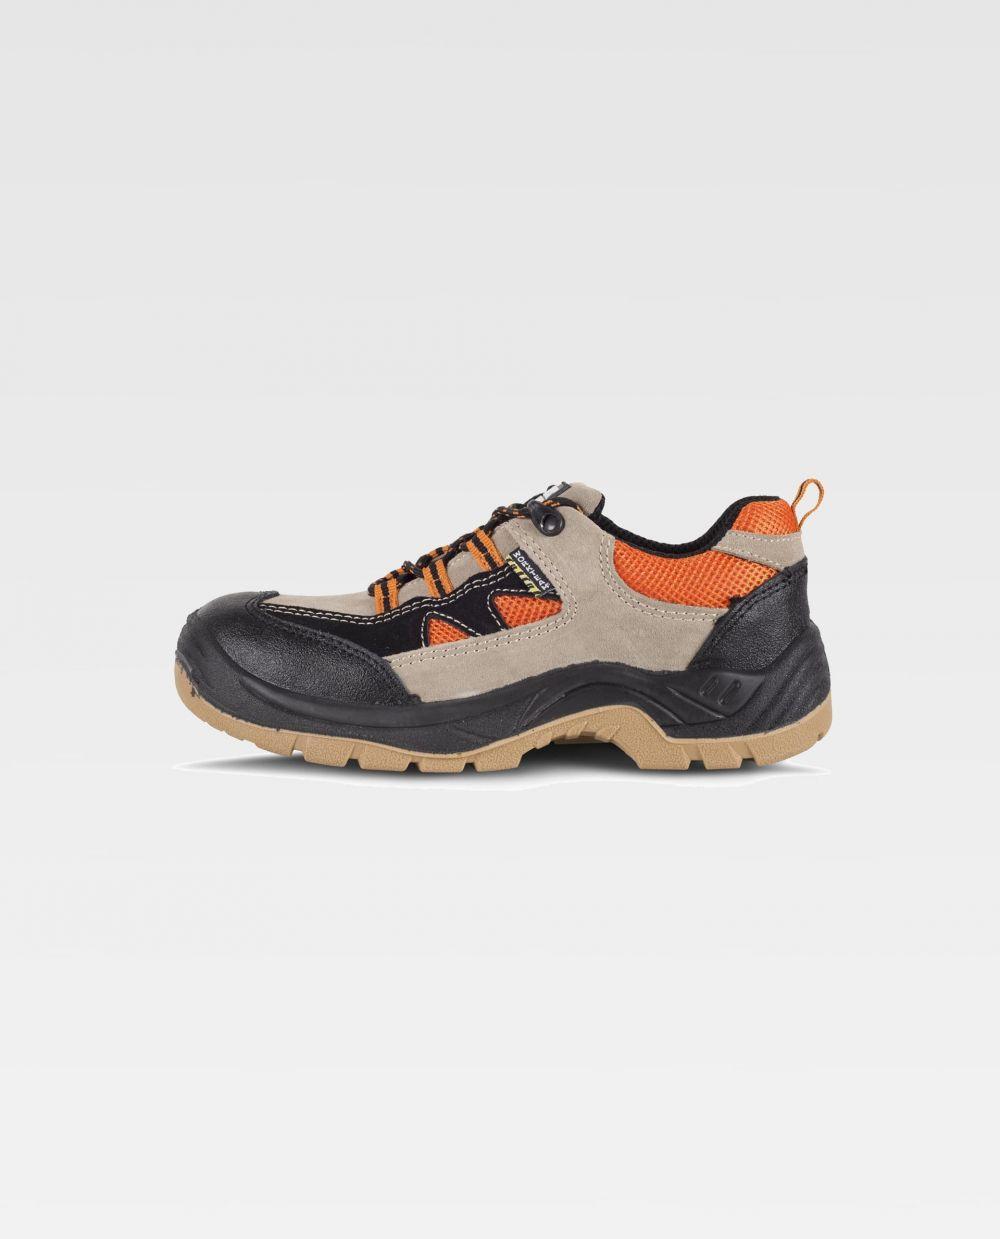 Zapatos de trabajo workteam zapato p3002 de piel con impresión vista 1